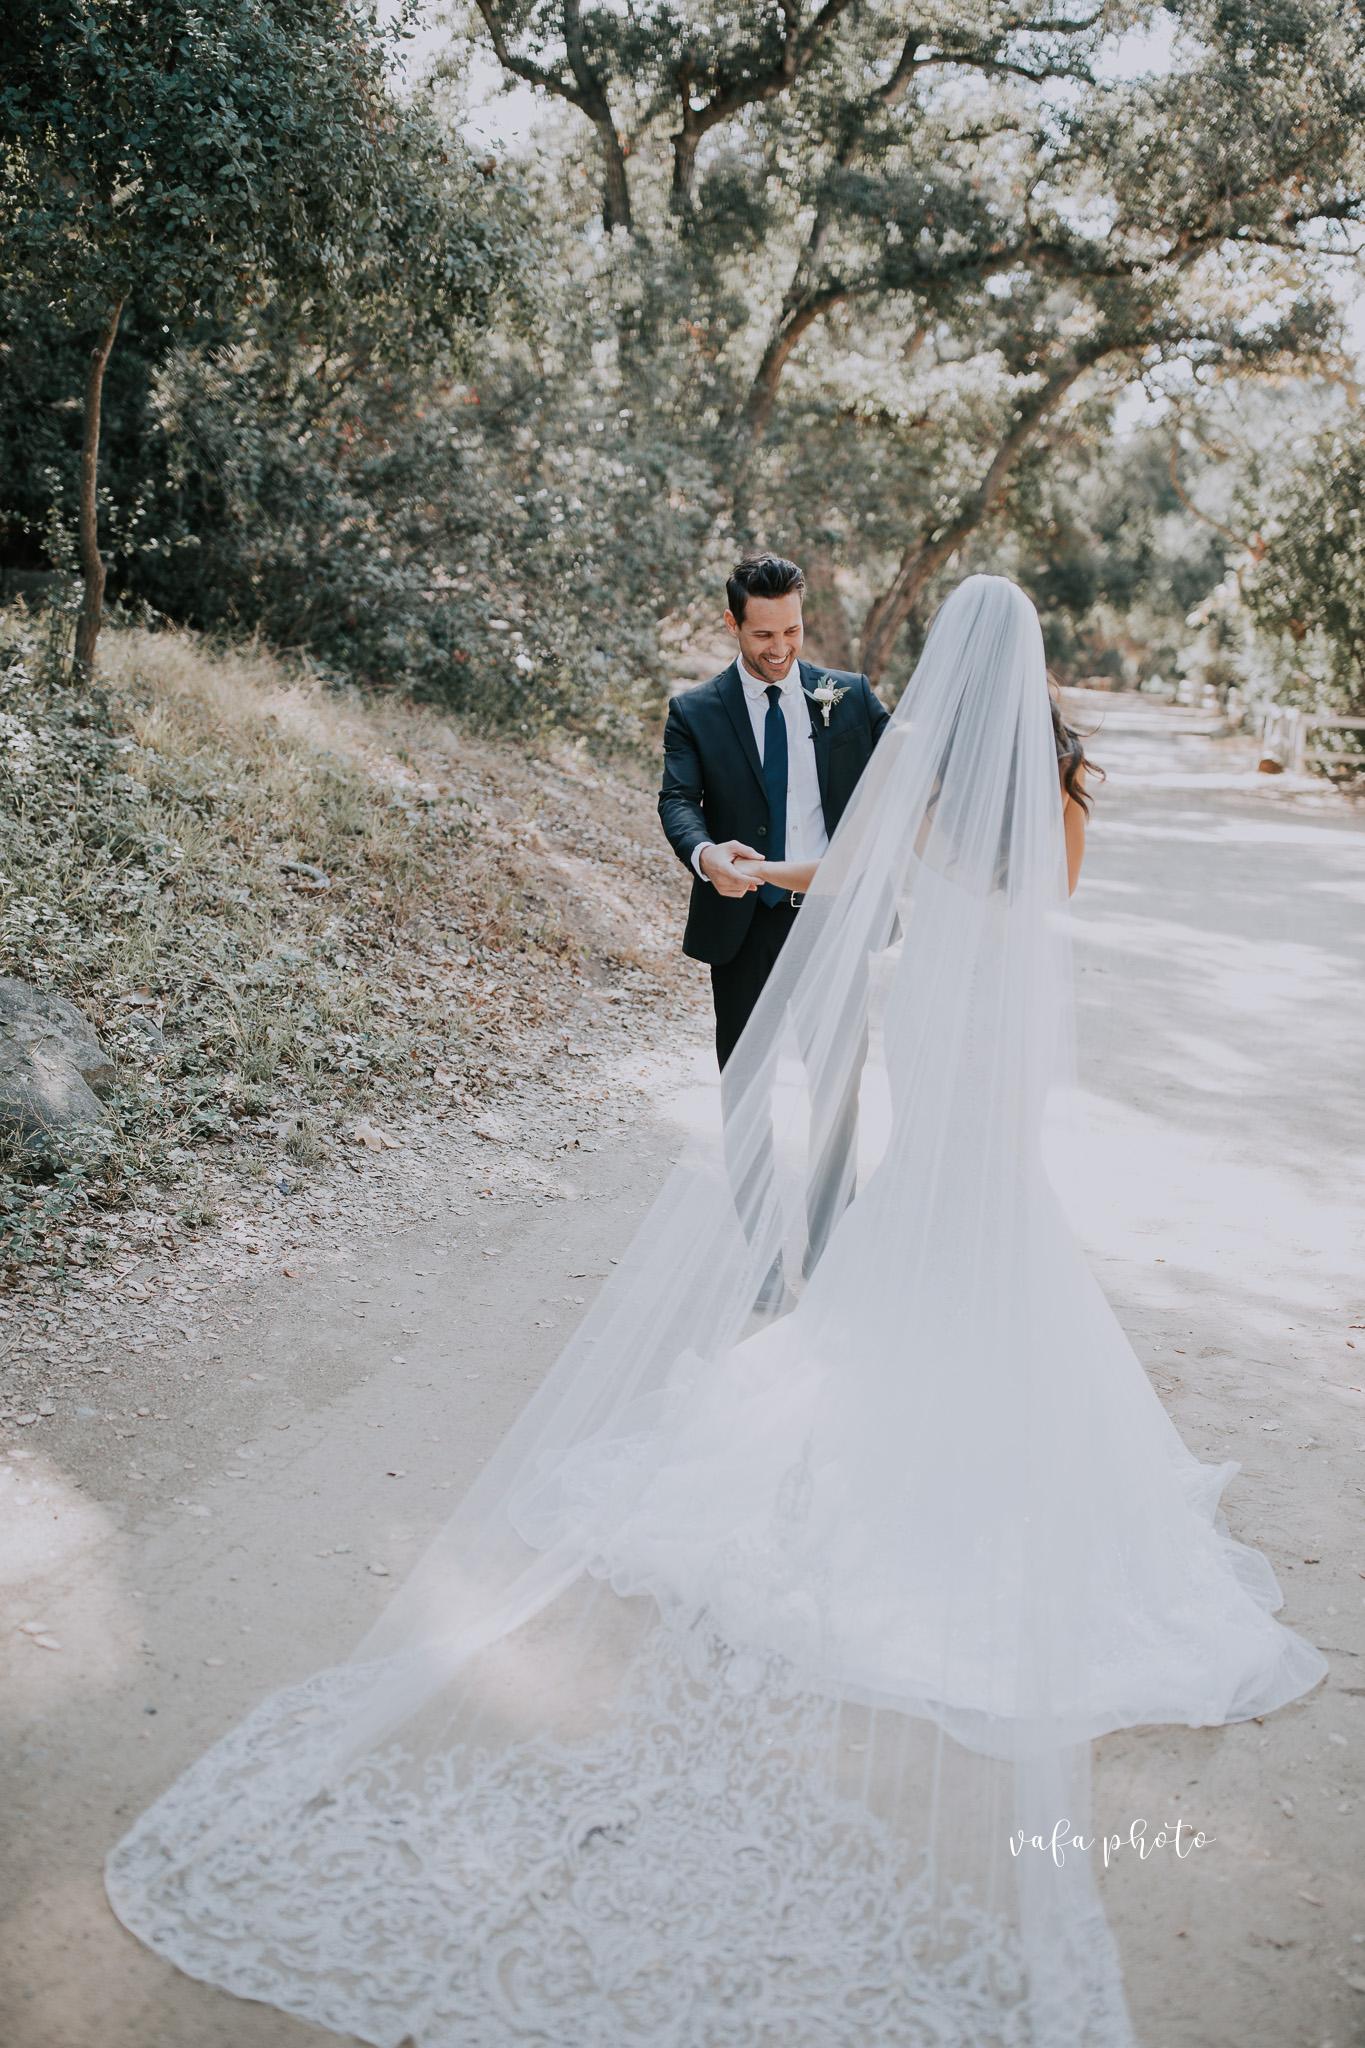 Southern-California-Wedding-Britt-Nilsson-Jeremy-Byrne-Vafa-Photo-220.jpg